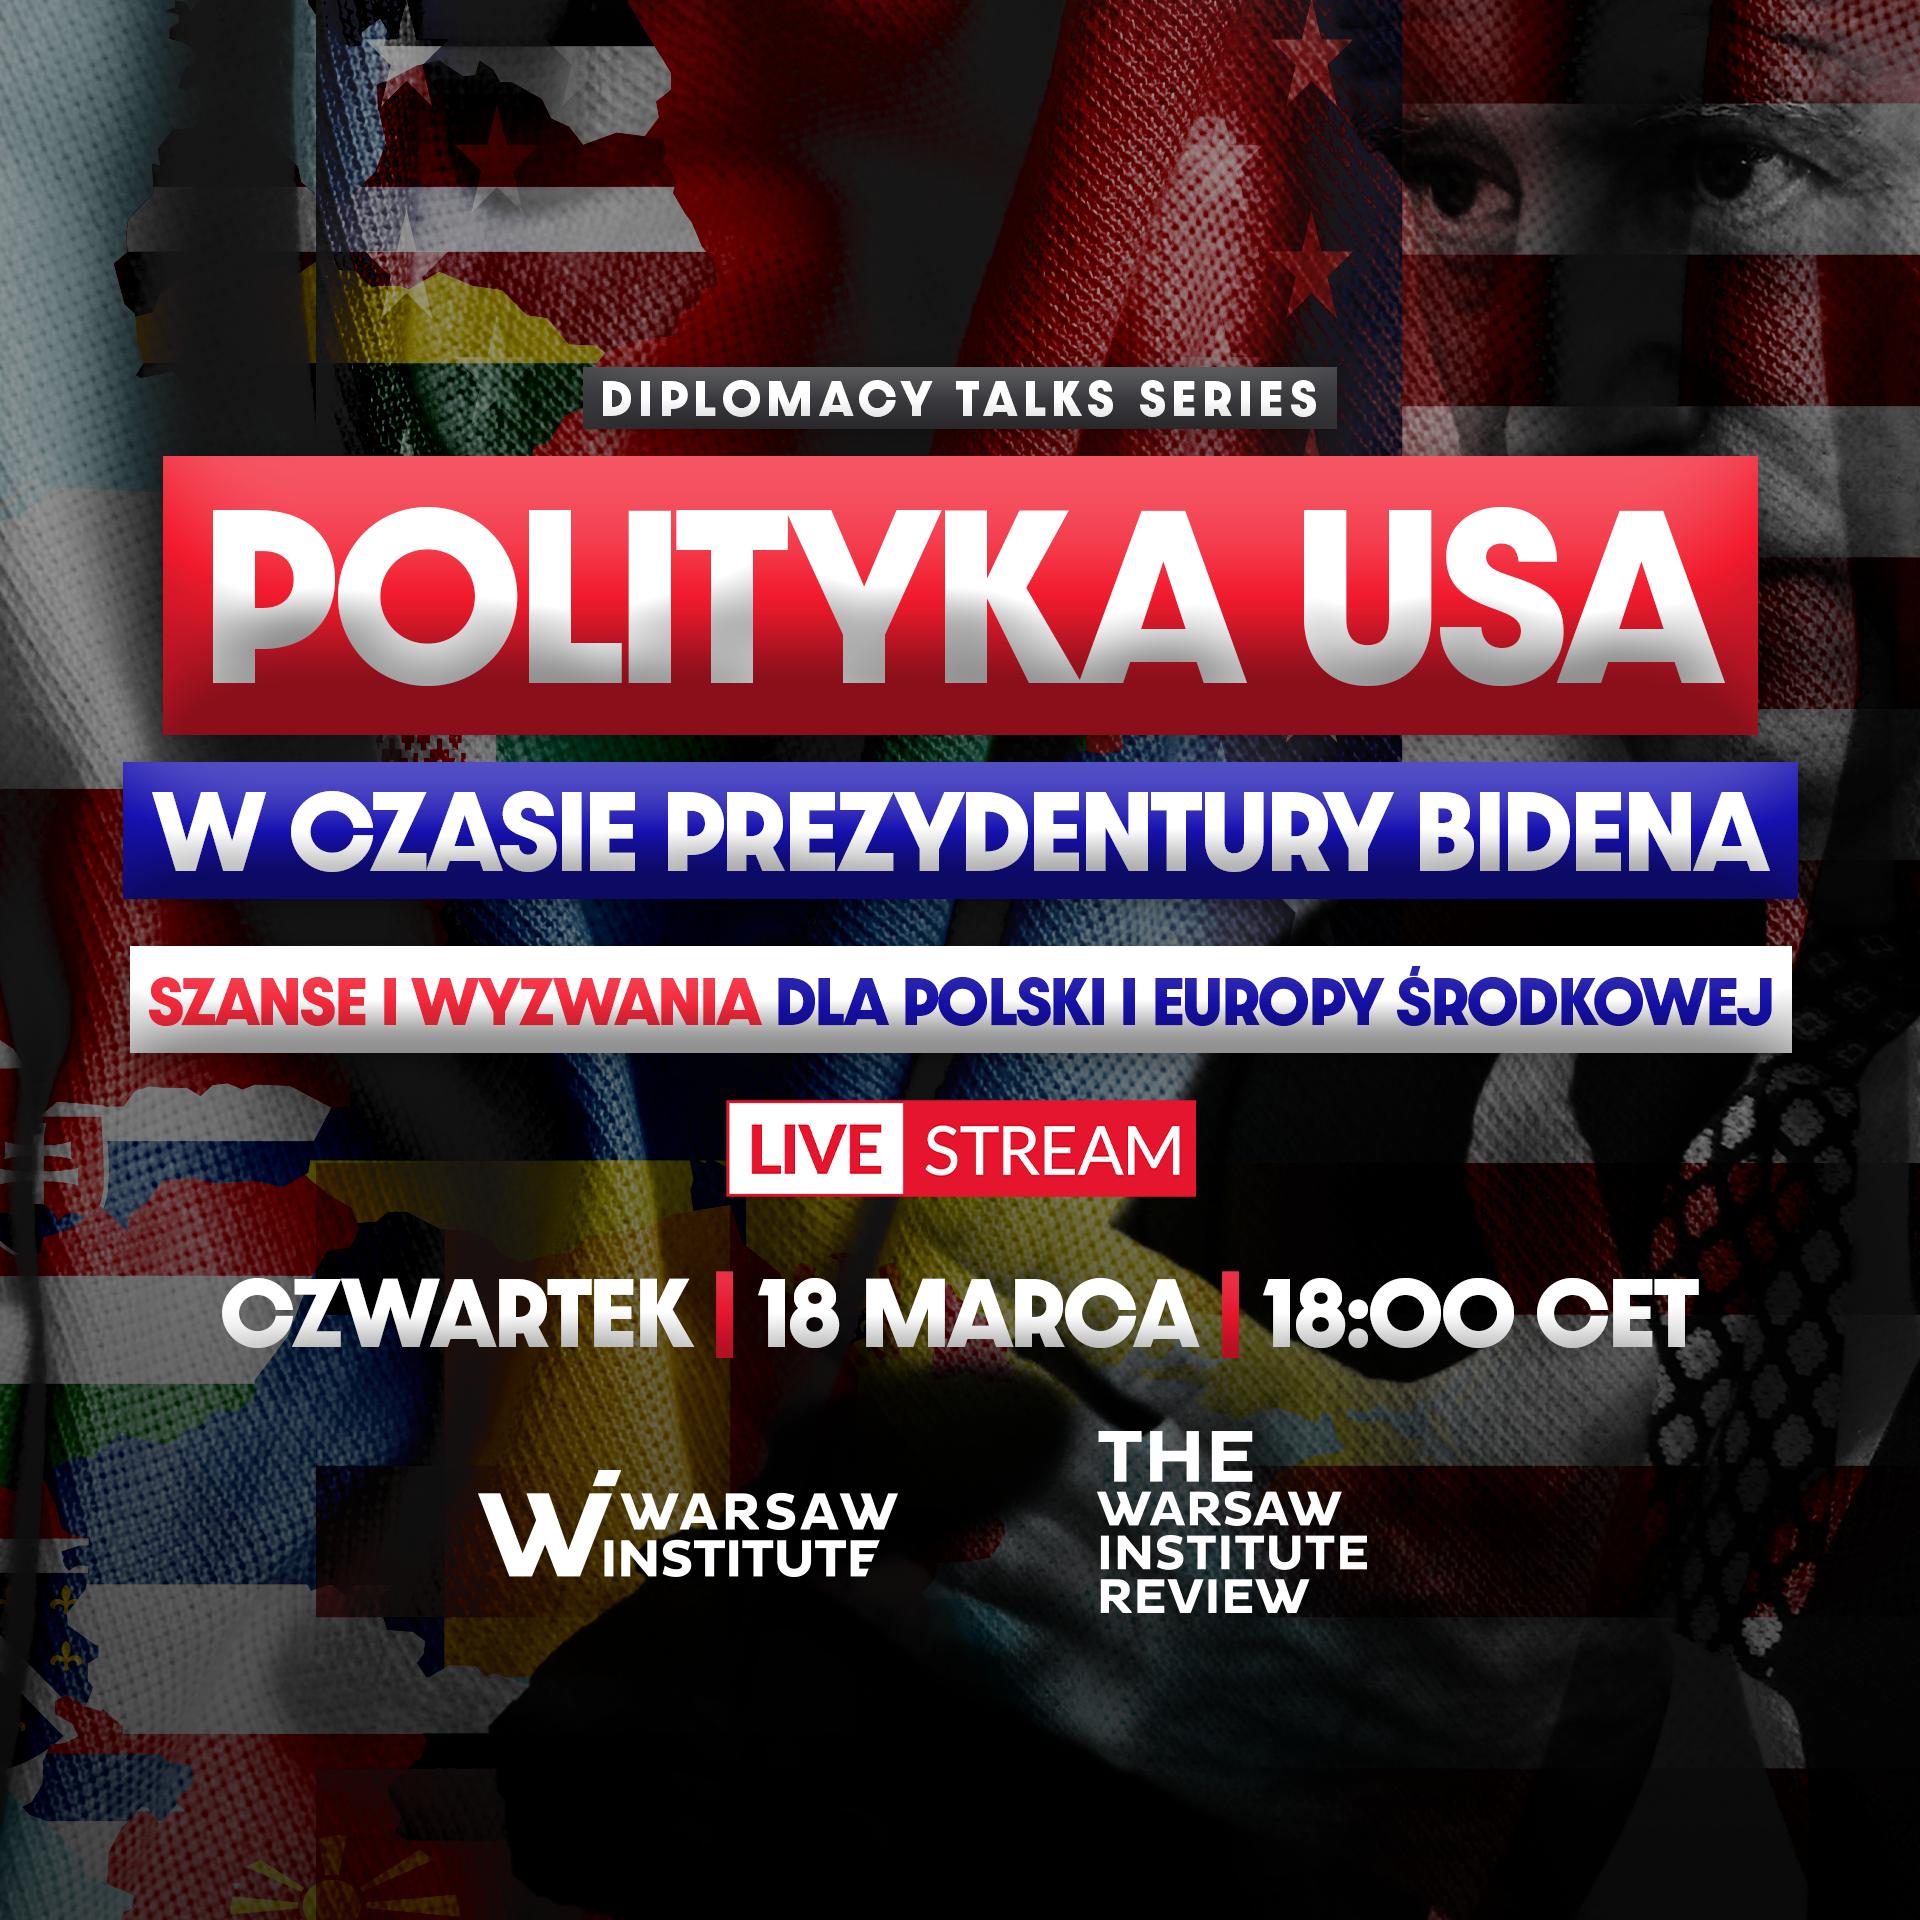 Polityka USA w czasie prezydentury Bidena | Diplomacy Talks Series